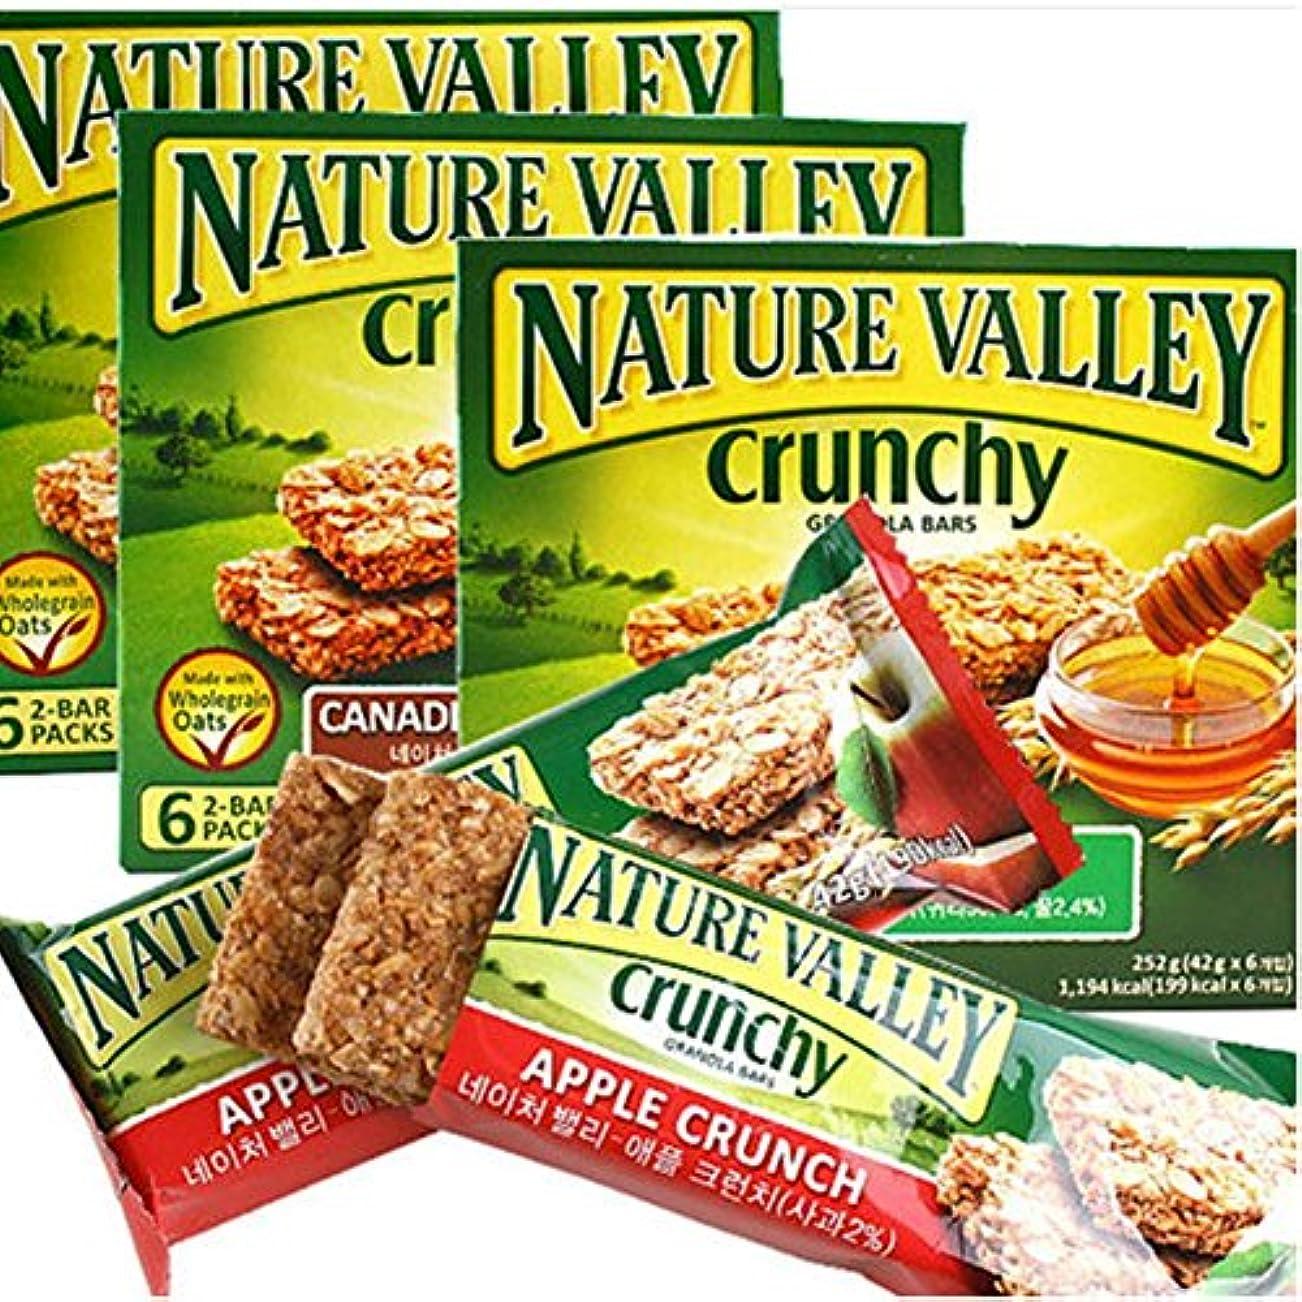 汚染する肉リング[ネイチャーバレー/Nature Valley] APPLE CRUNCH SYRUP/ネイチャーバレークランチグラノーラバー42g5パックx3 Box - アップルクランチシロップ(合計15袋)穀物バー/シリアル/栄養...